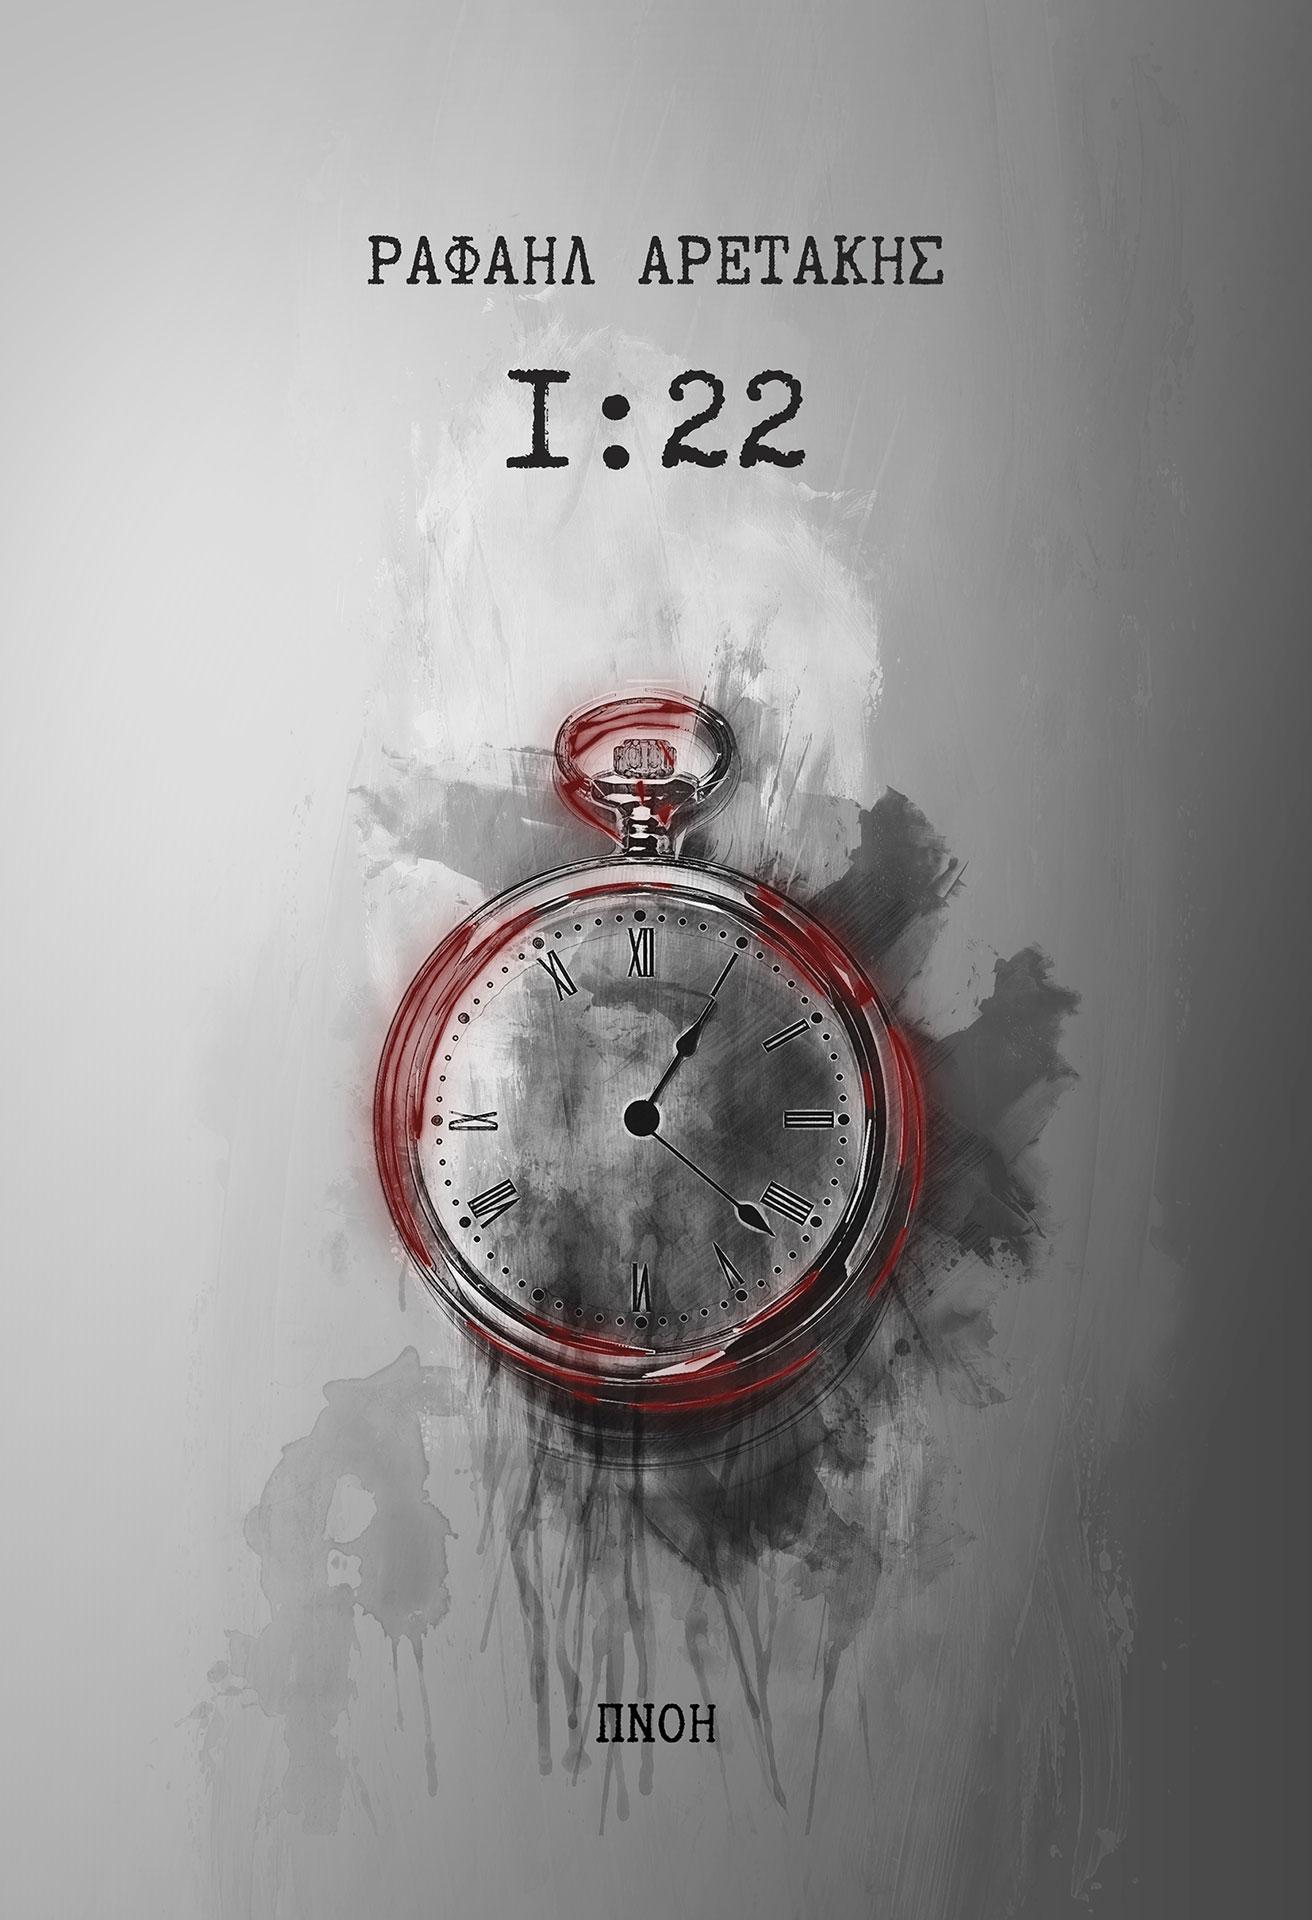 εξώφυλλο 1:22